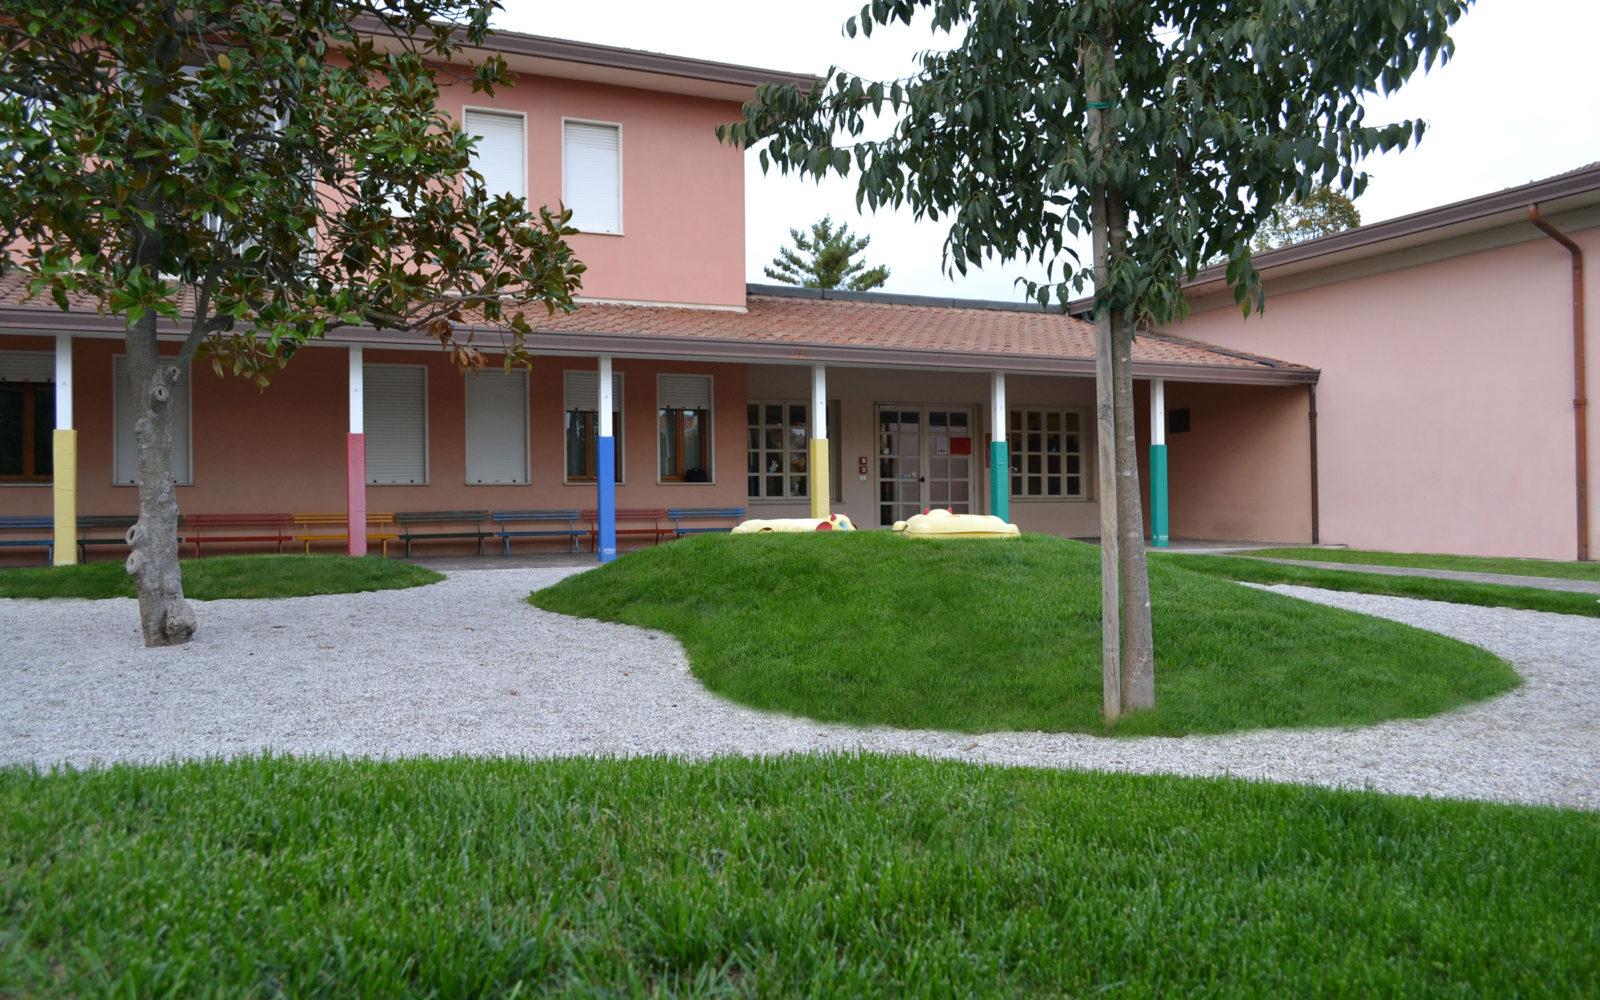 giardino ludico della scuola materna Pio X a Lancenigo di Villorba - 3